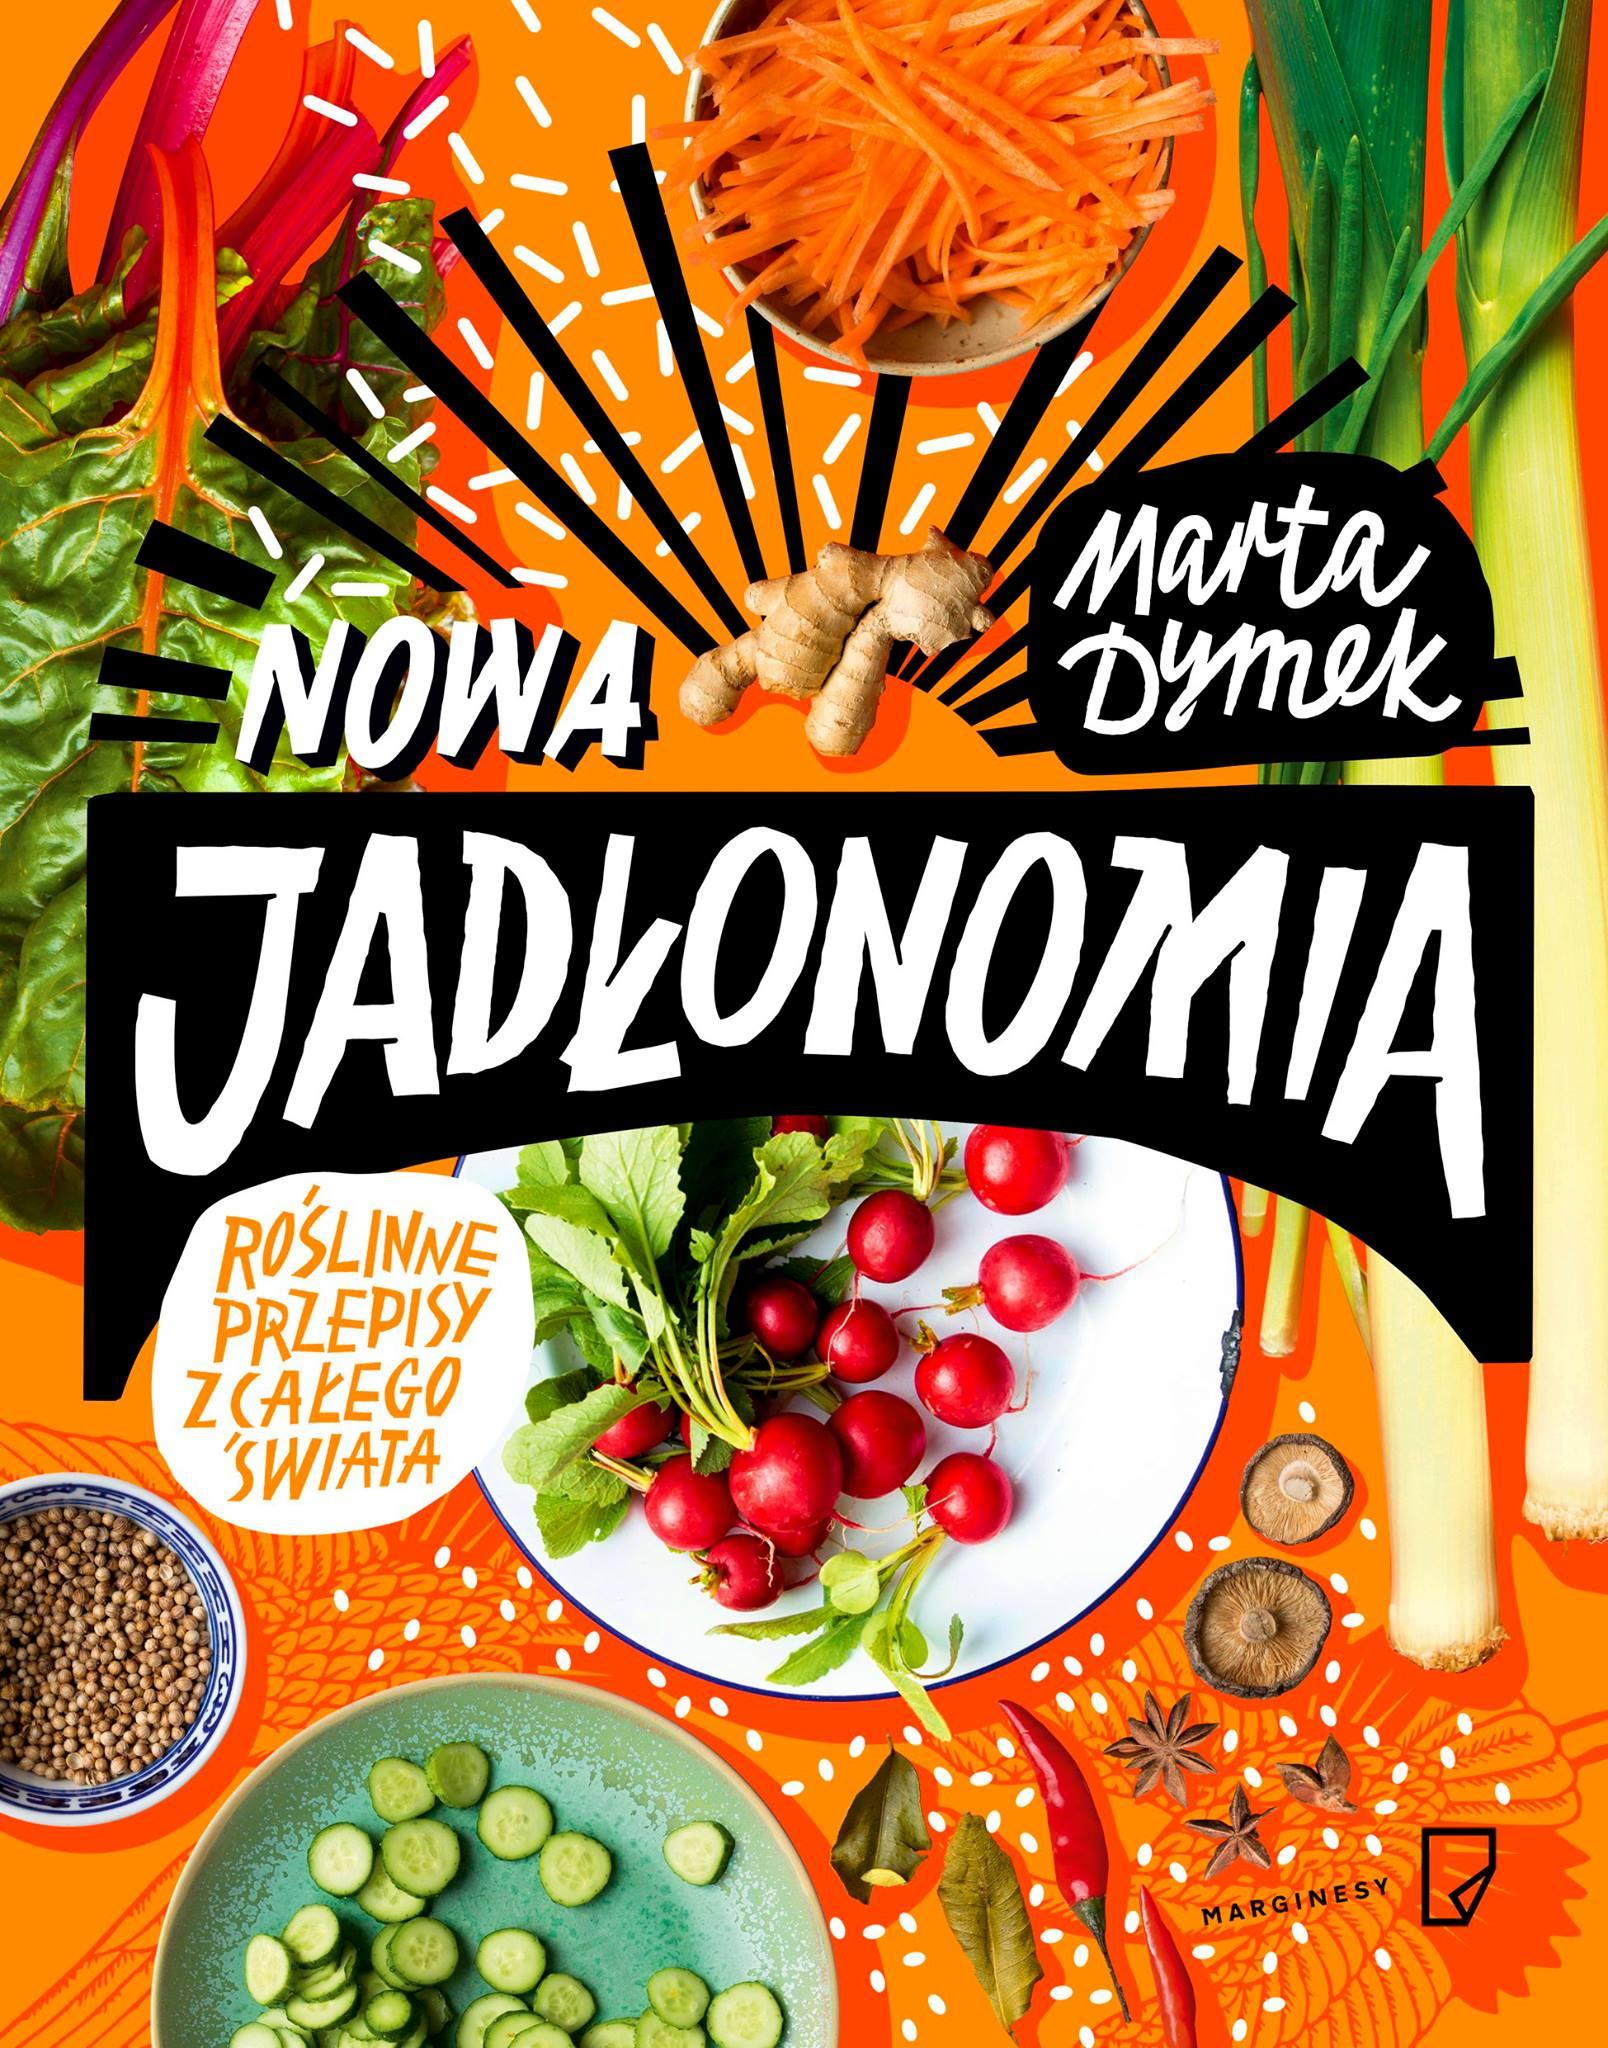 Nowa Jadłonomia - książka Marty Dymek